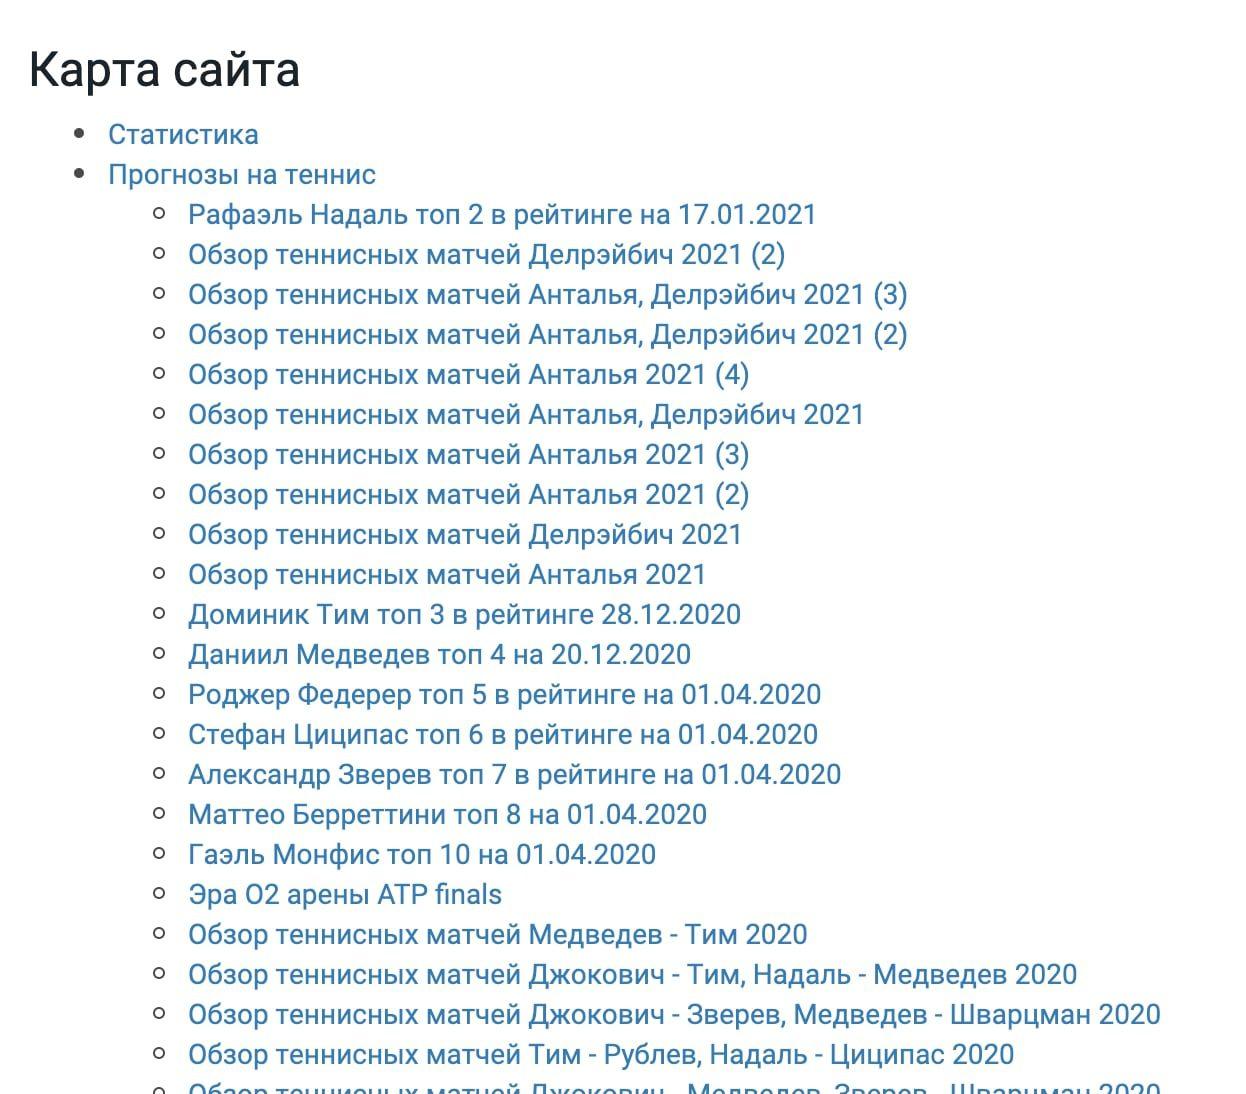 Карта сайта Dotennis.ru (Дотеннис ру)